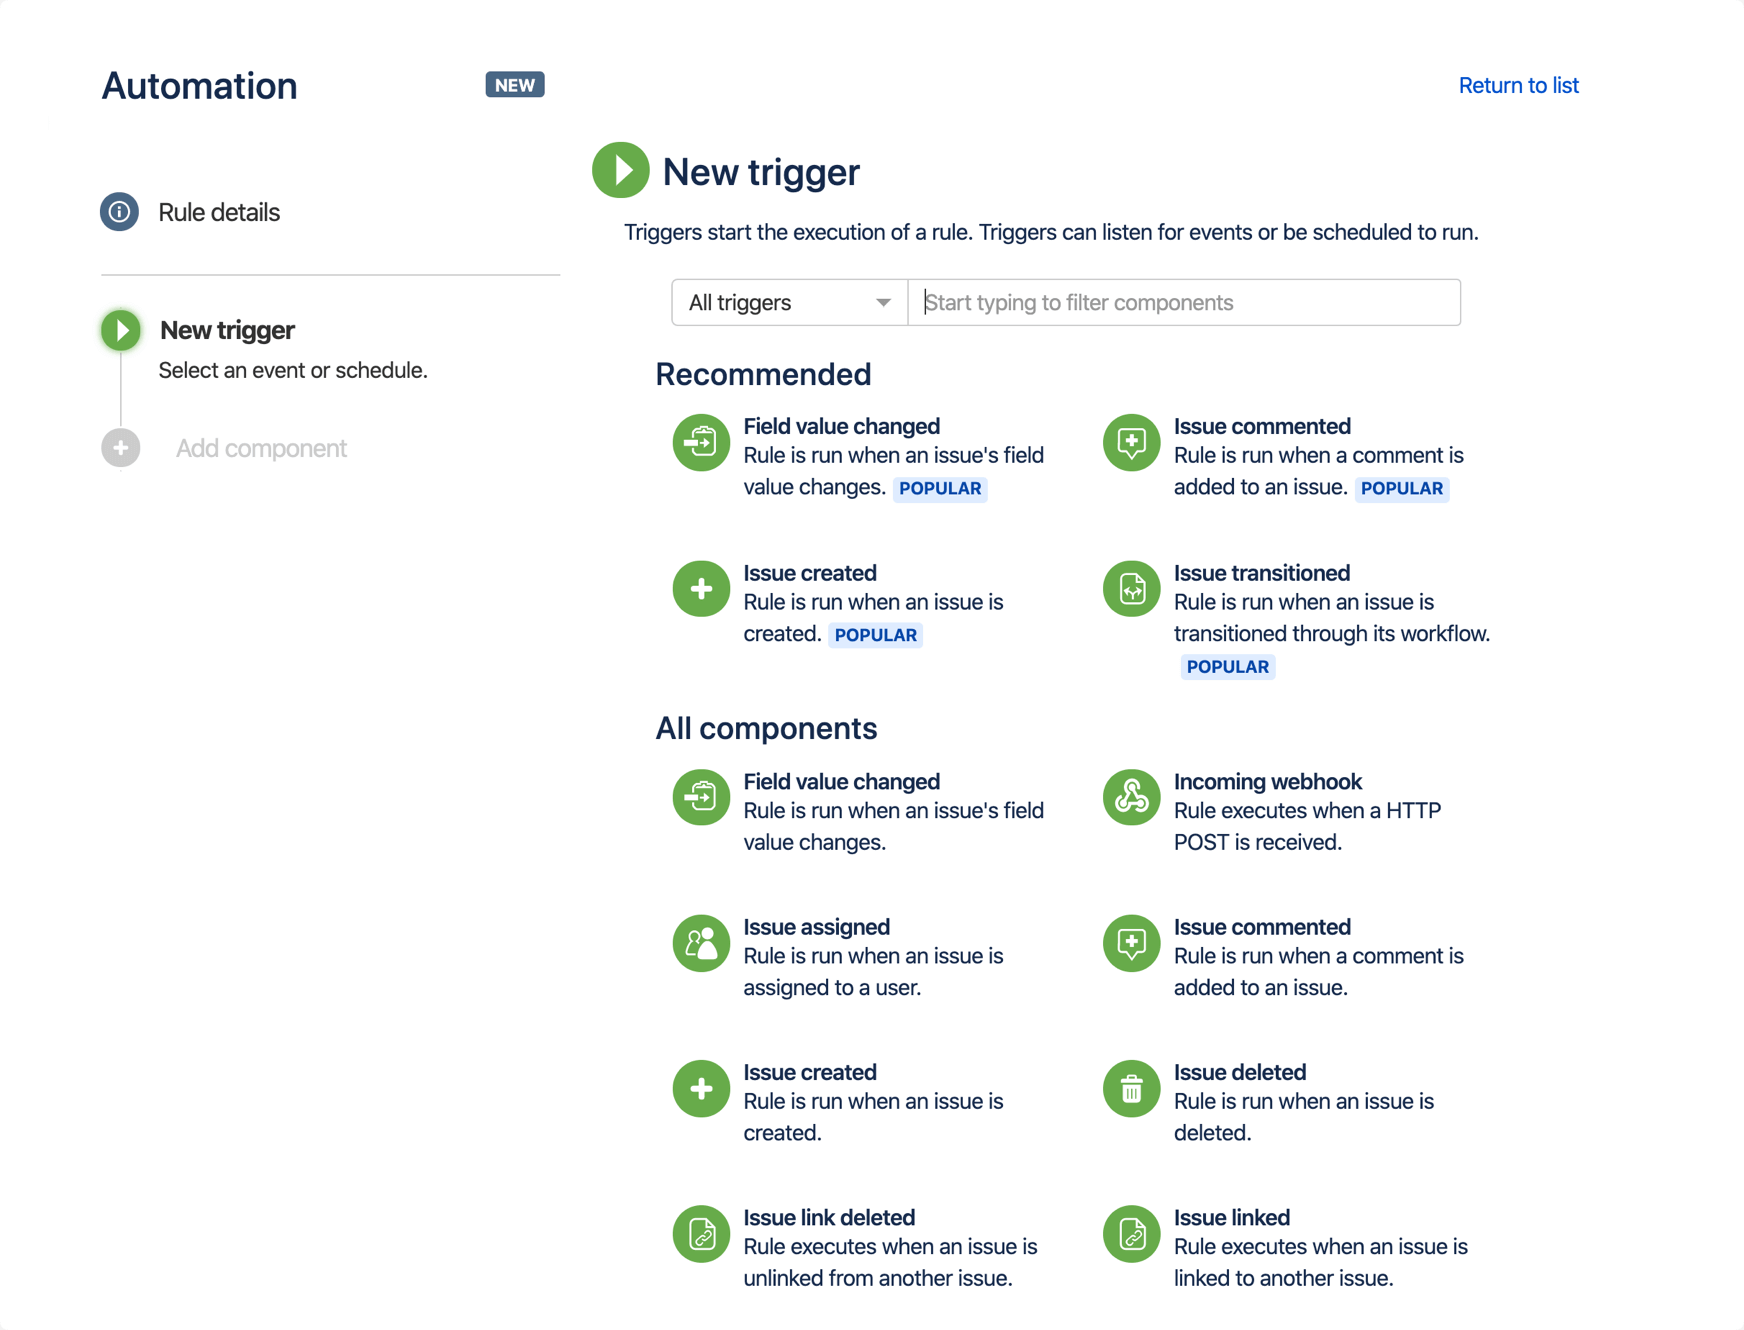 Képernyőkép az egy projektre vonatkozó automatizálási szabályokról